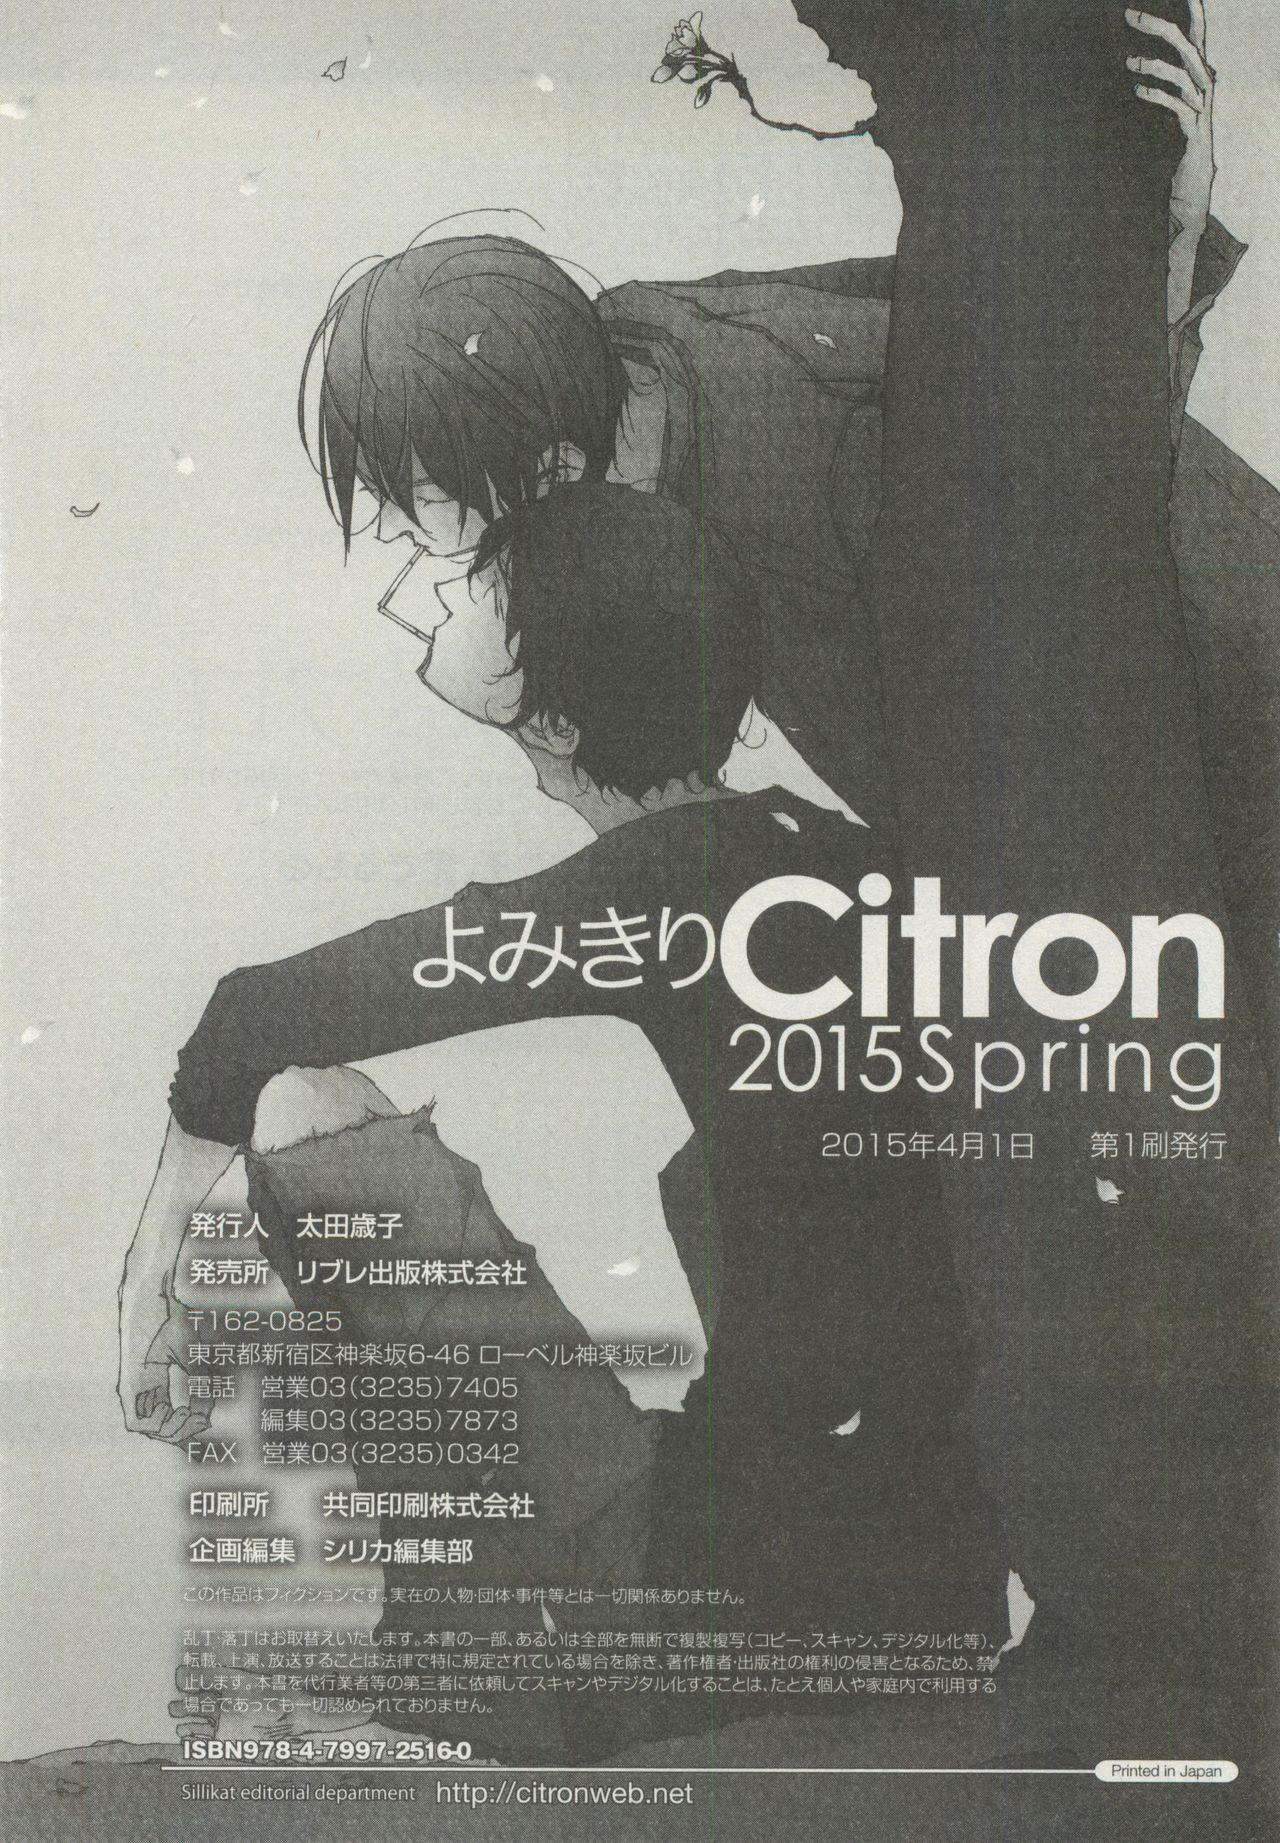 よみきりCitron 2015 Spring 409